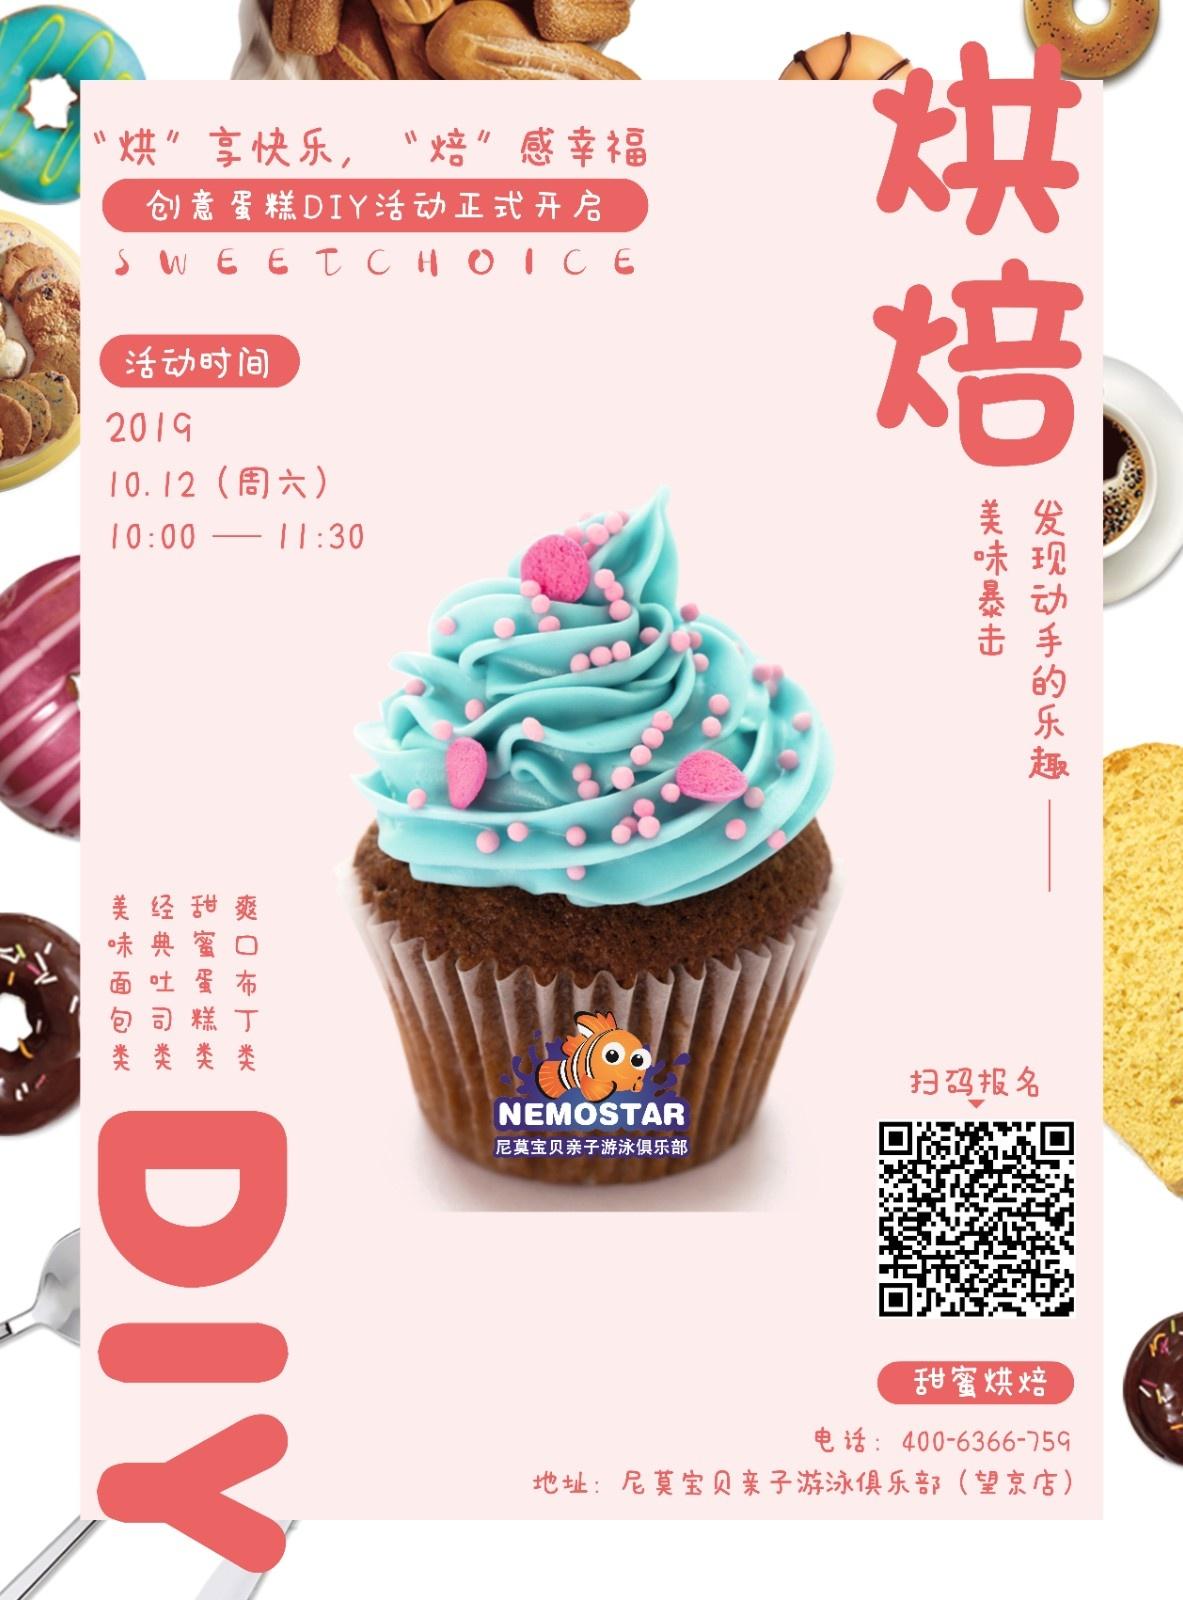 10.12.烘焙活动海报.jpg